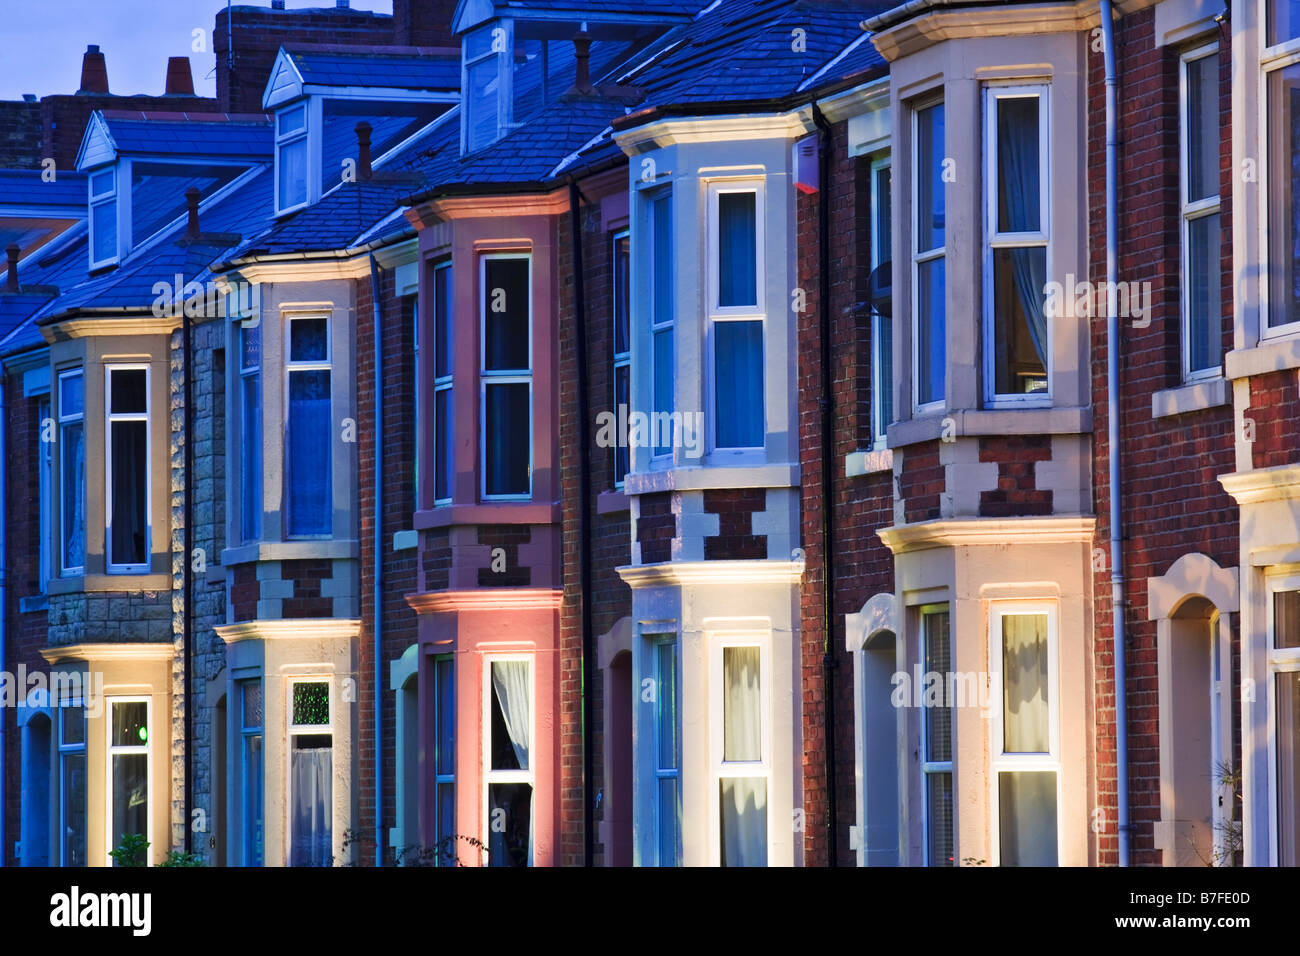 Terrassenförmig angelegten Gehäuse im Stil der 1930er Jahre auf Belgrave Crescent gegenüber Ridley Stockbild